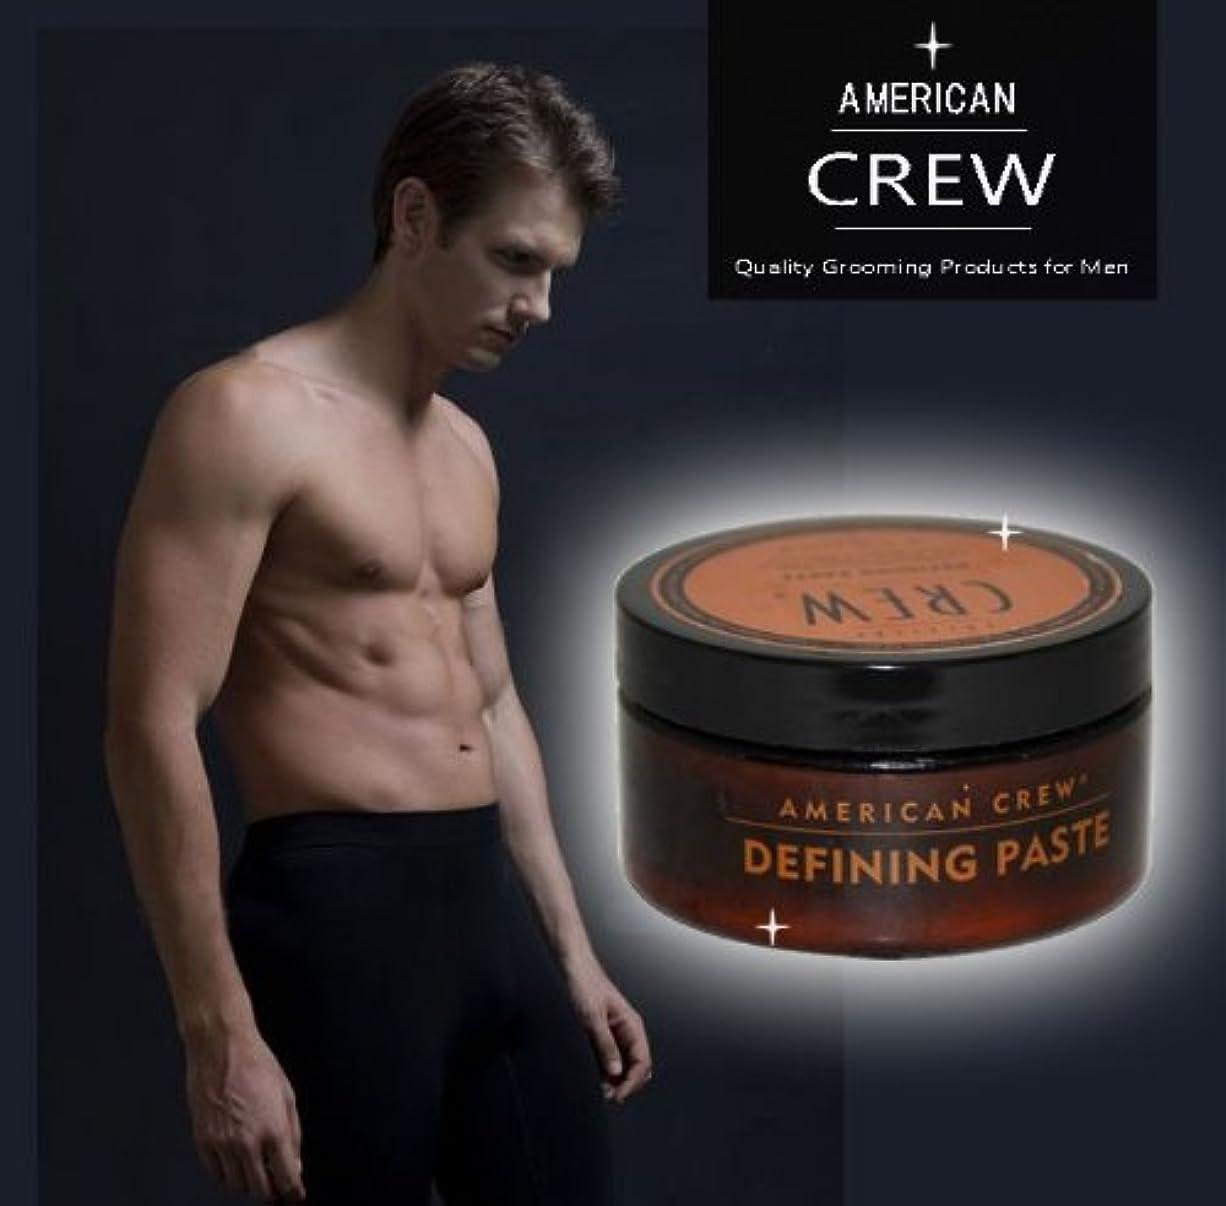 American Crew アメリカンクルー クラシック ディファイニング ペースト 85g